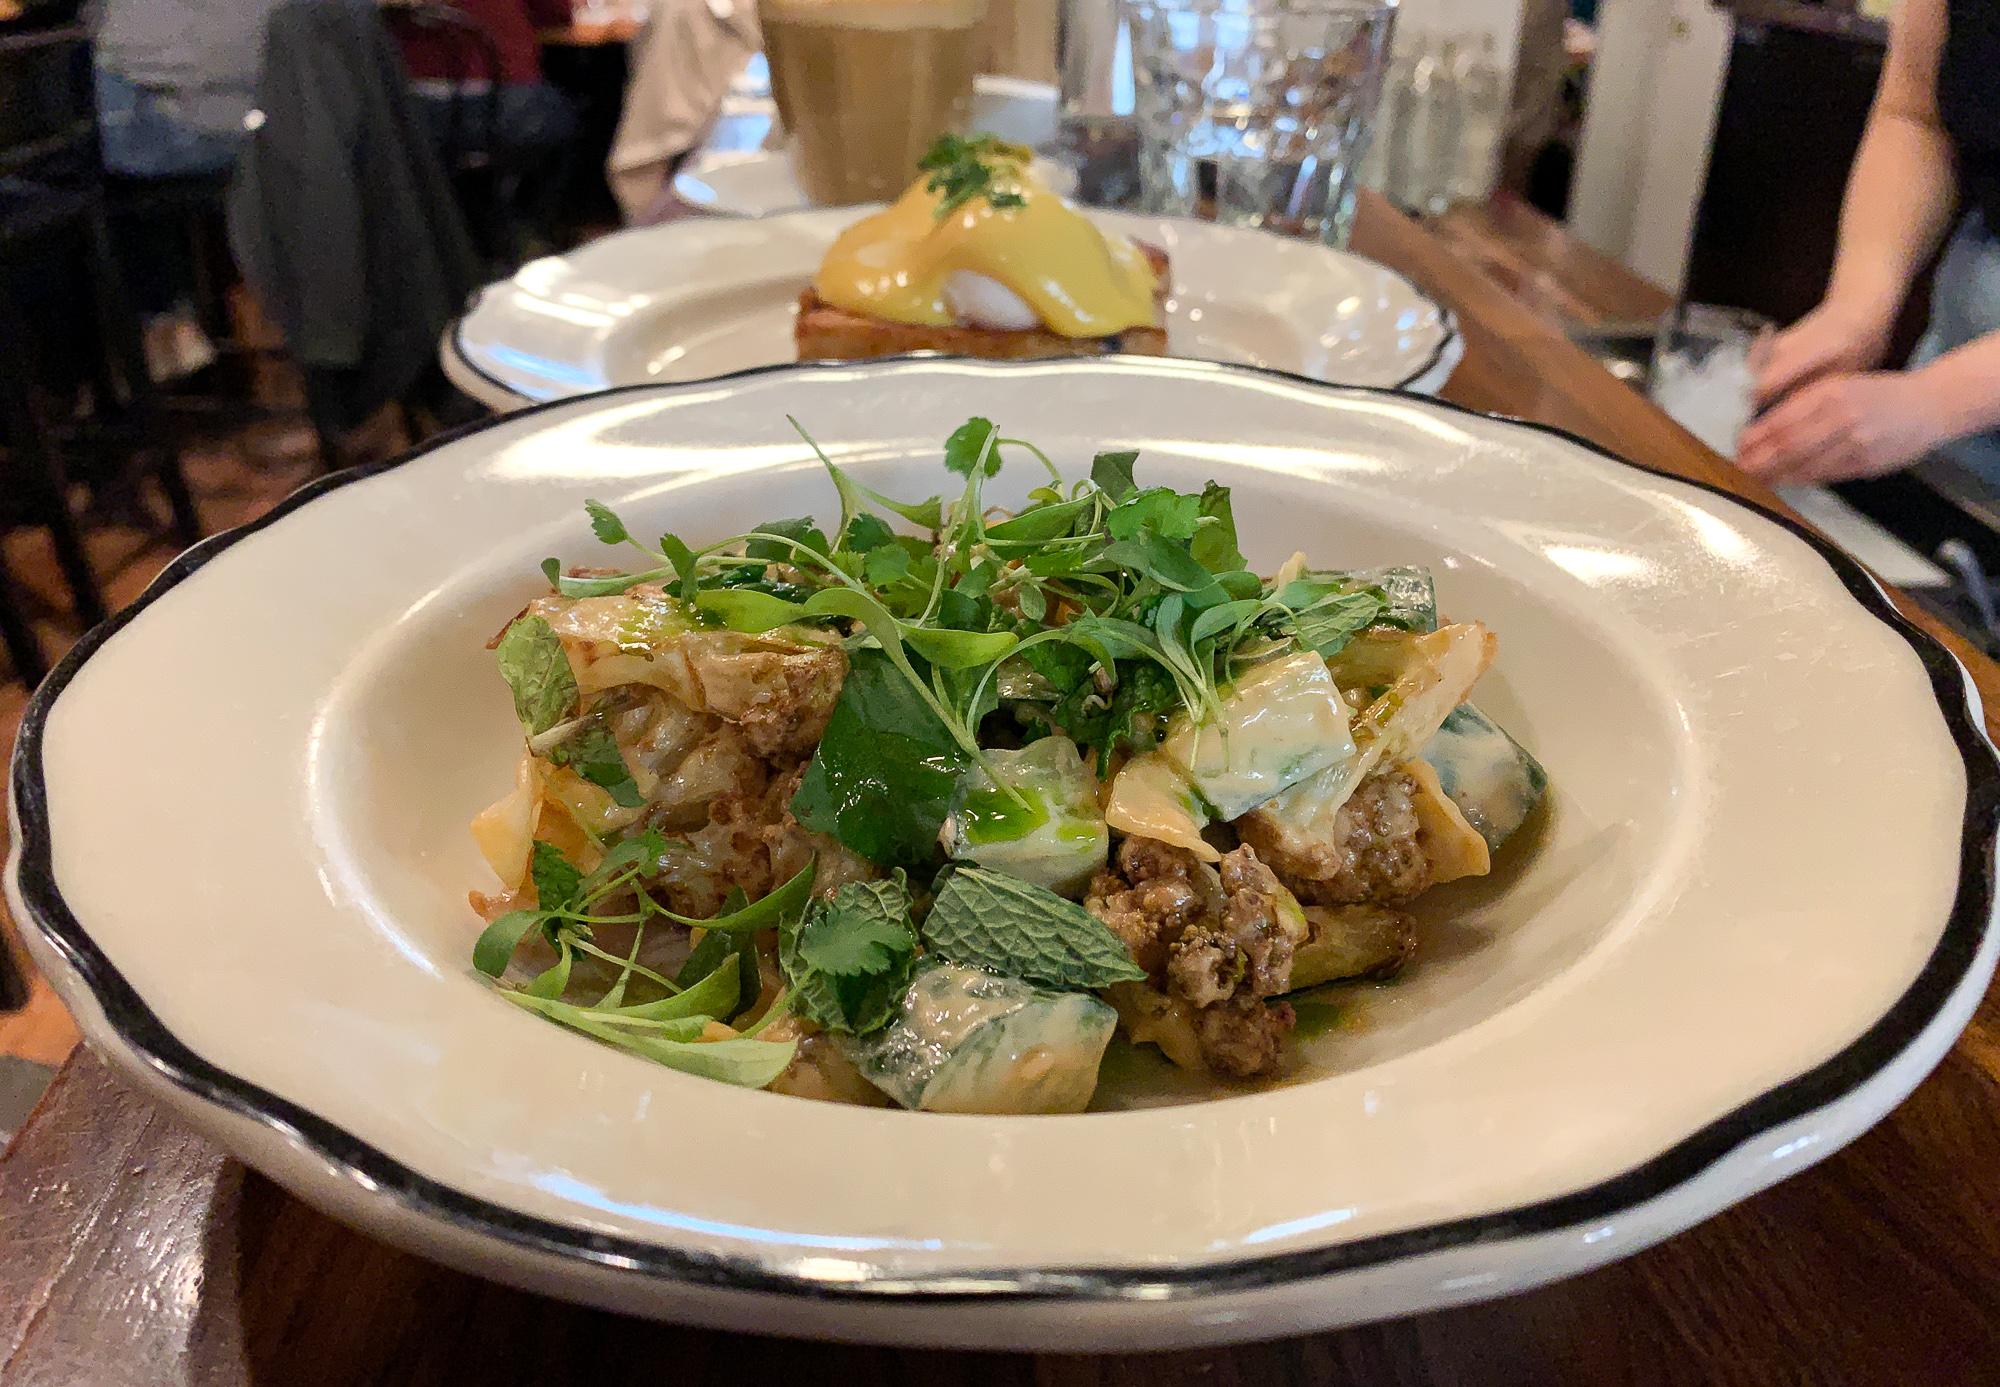 salade de chou-fleur du Clementine Café où manger dans le Exchange District de Winnipeg